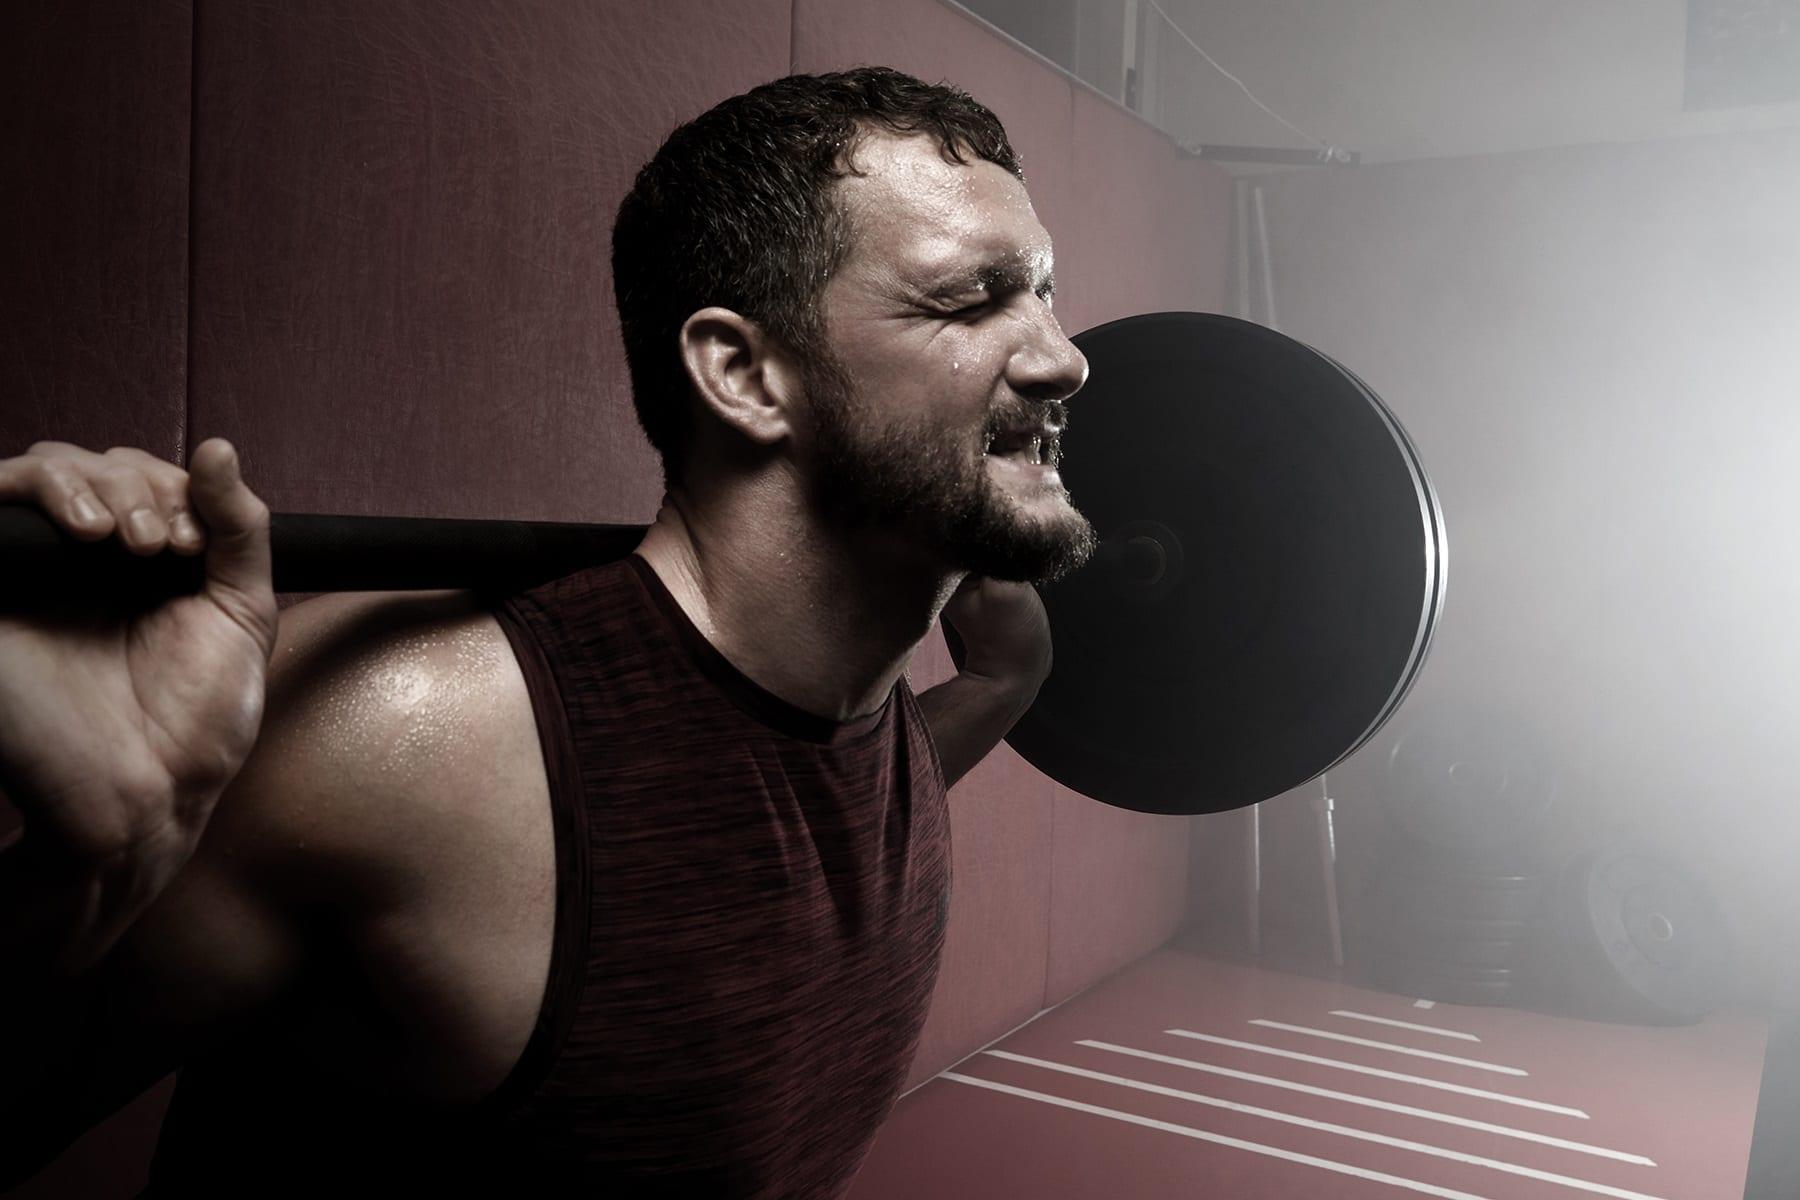 Historias inspiradoras de atletas Myprotein | Sean O'Loughlin